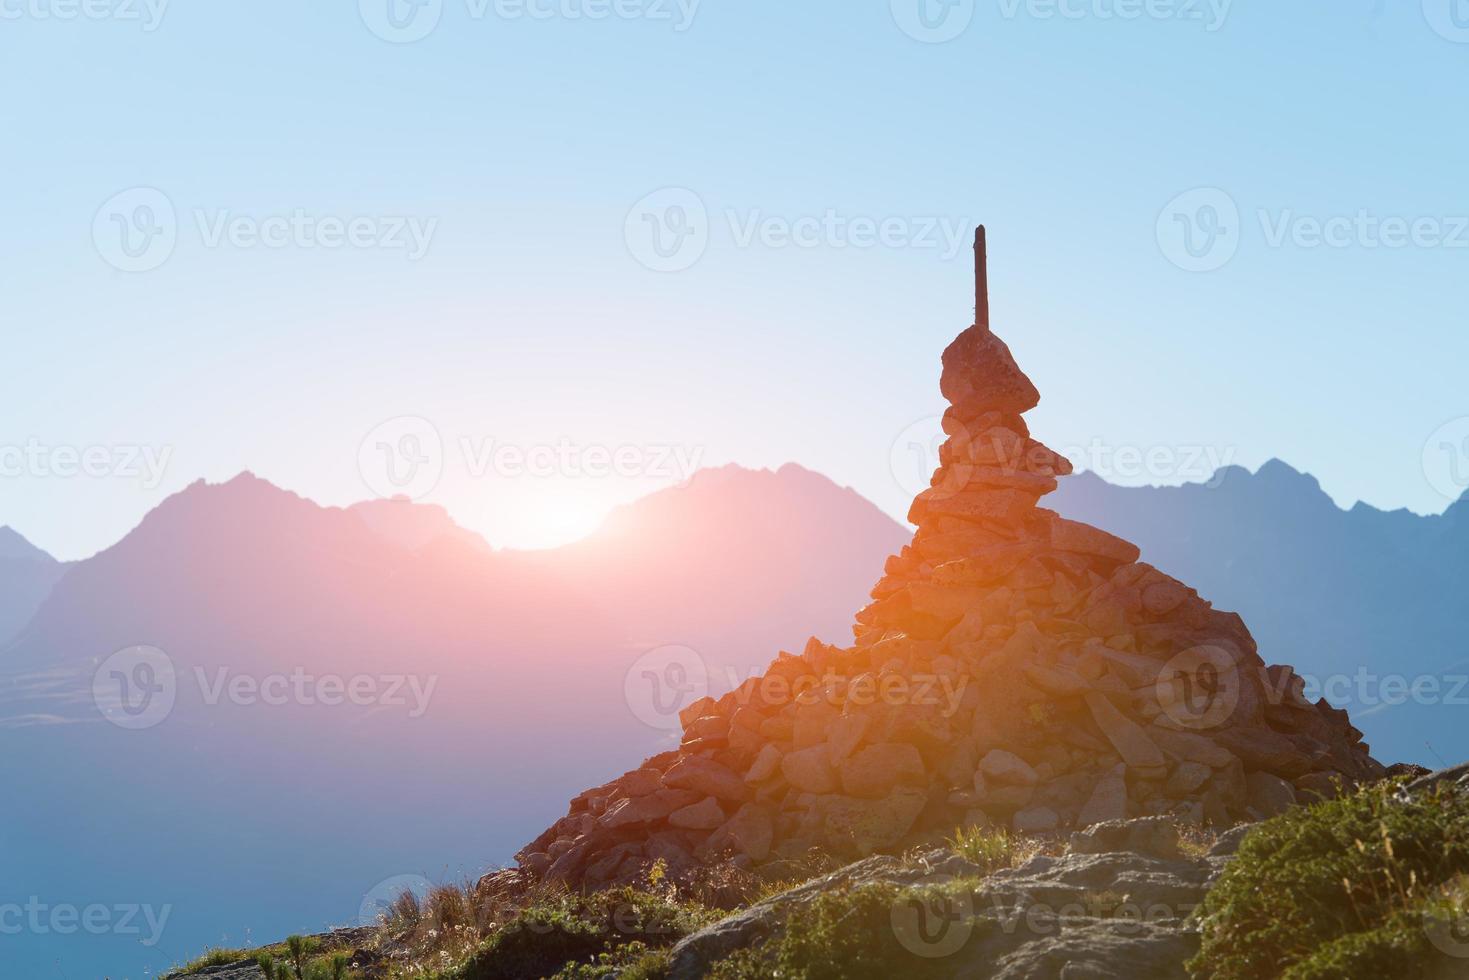 marque du droit chemin dans les hautes montagnes photo